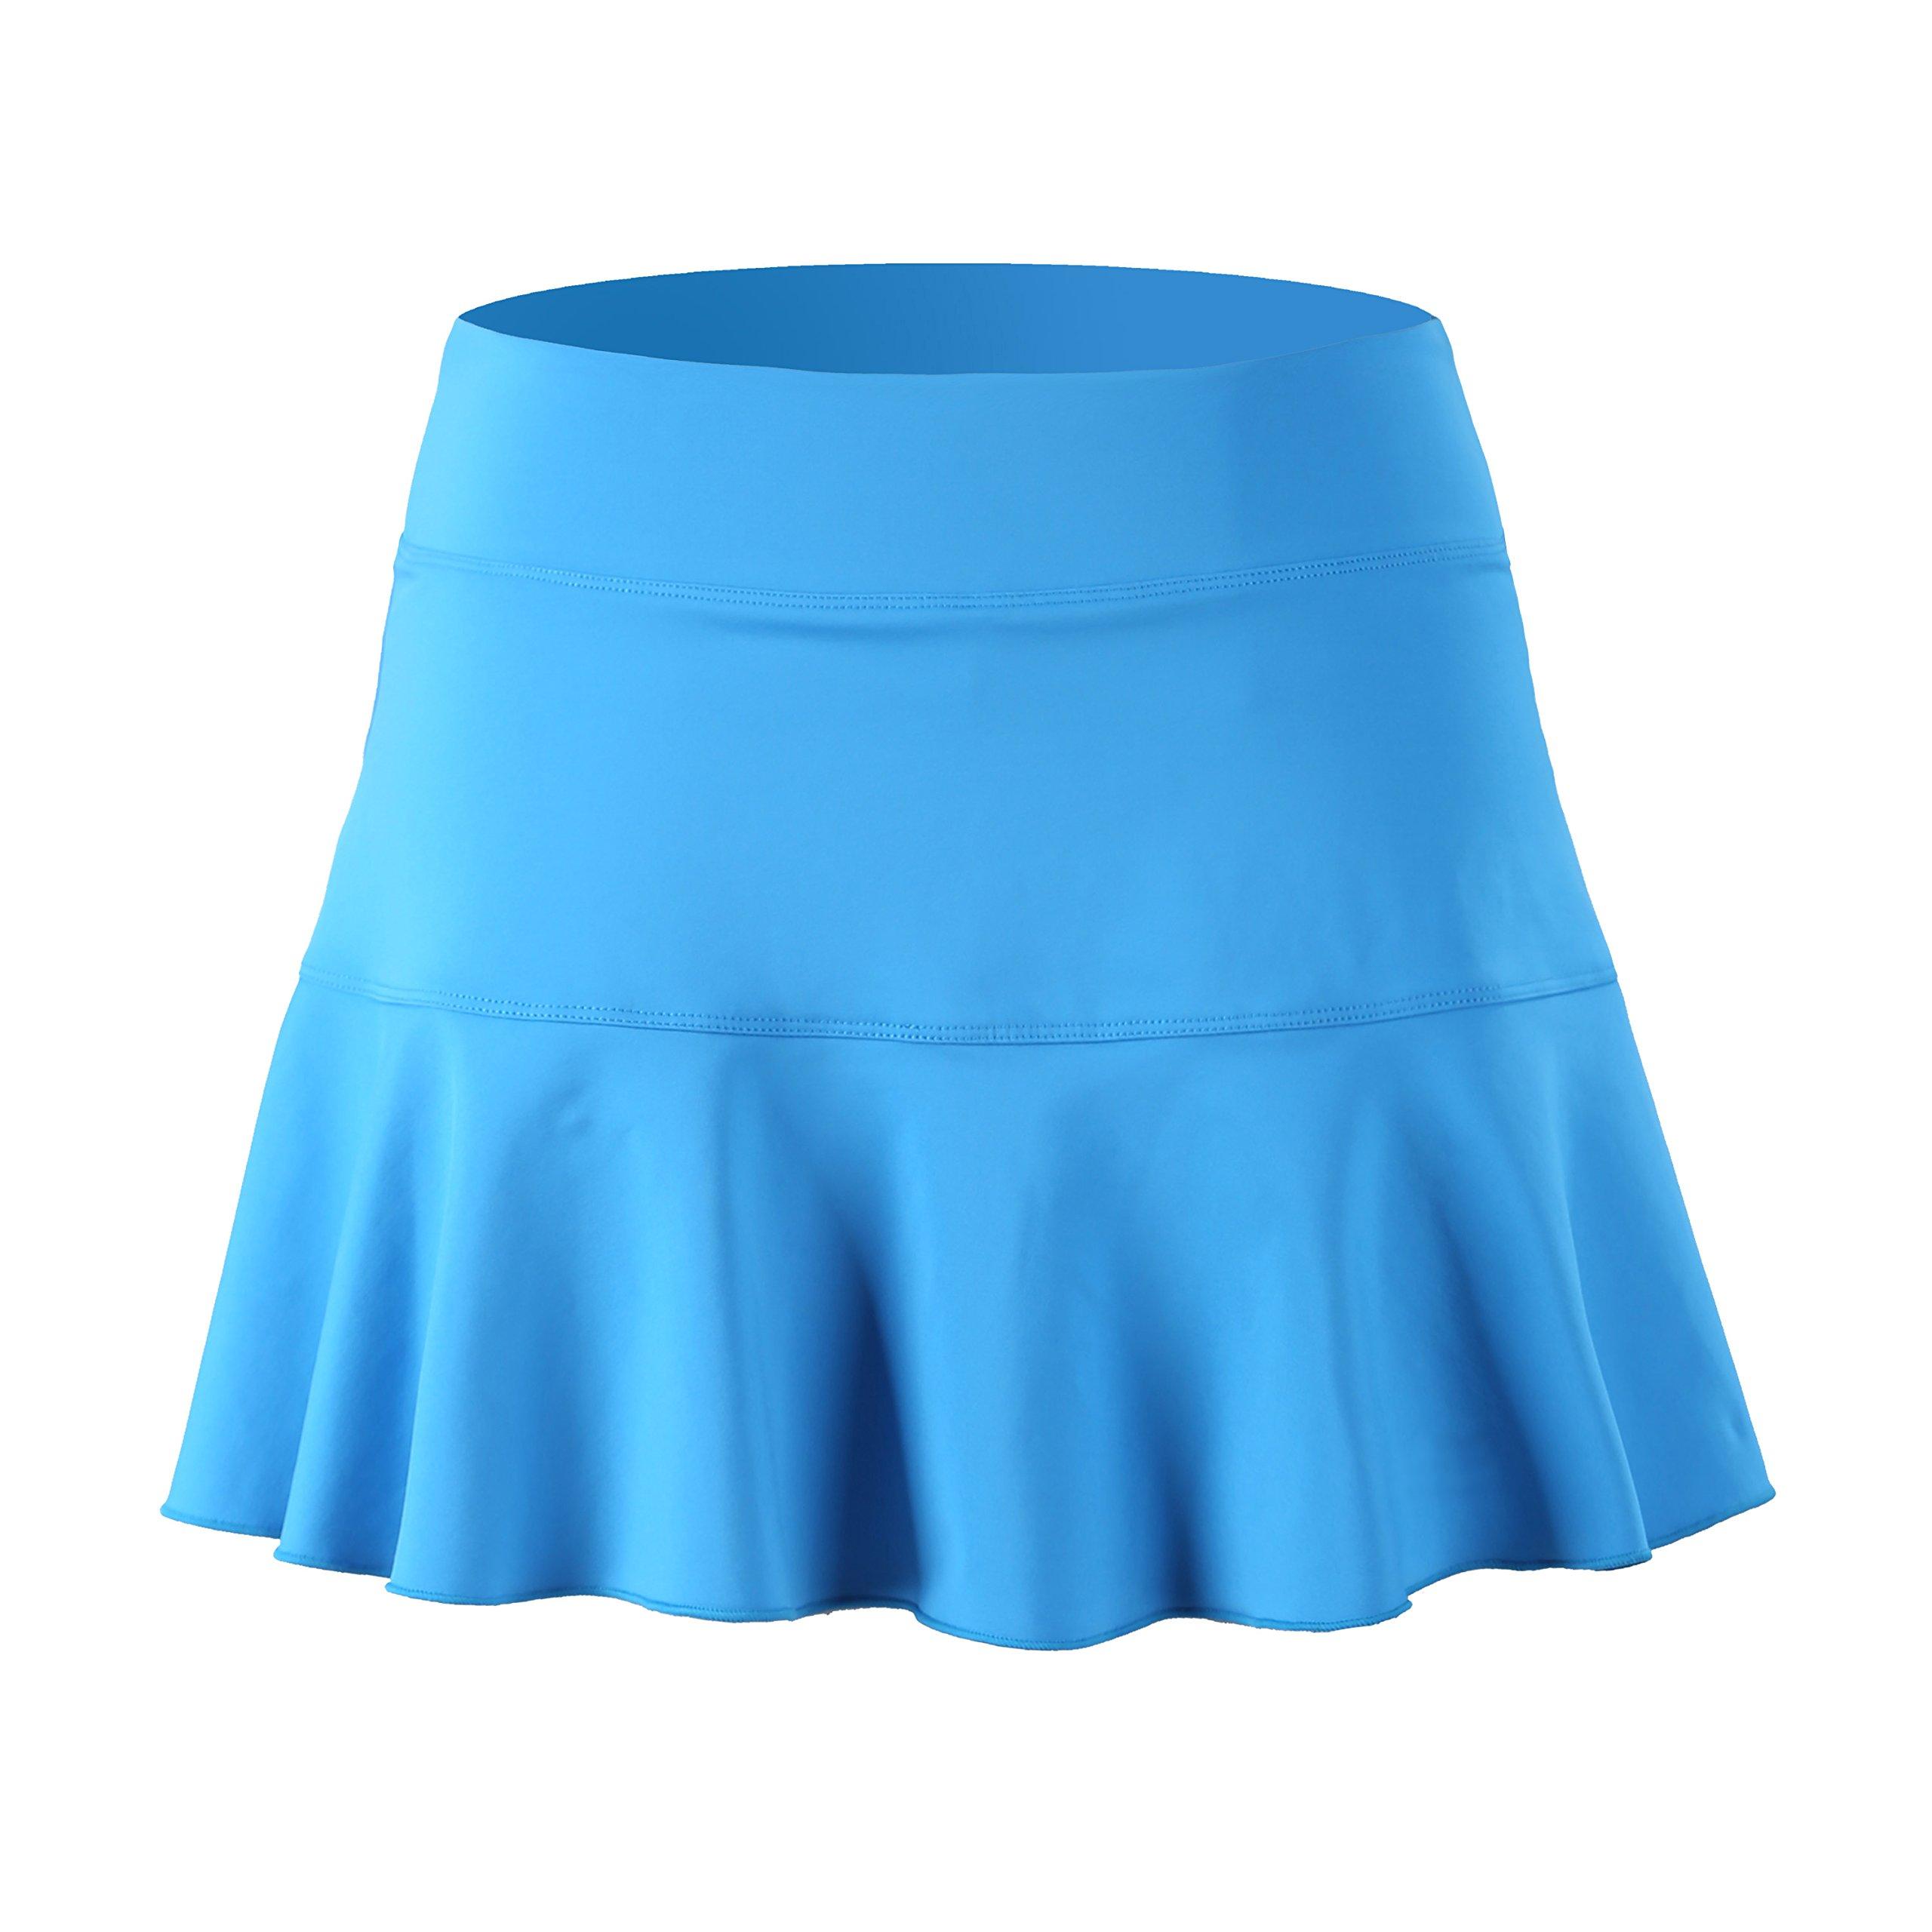 32e-SANERYI Women's Basic Elastic Tennis Skirt with Shorts Fitness Skort(sk25,XS,Sky Blue) by 32e-SANERYI